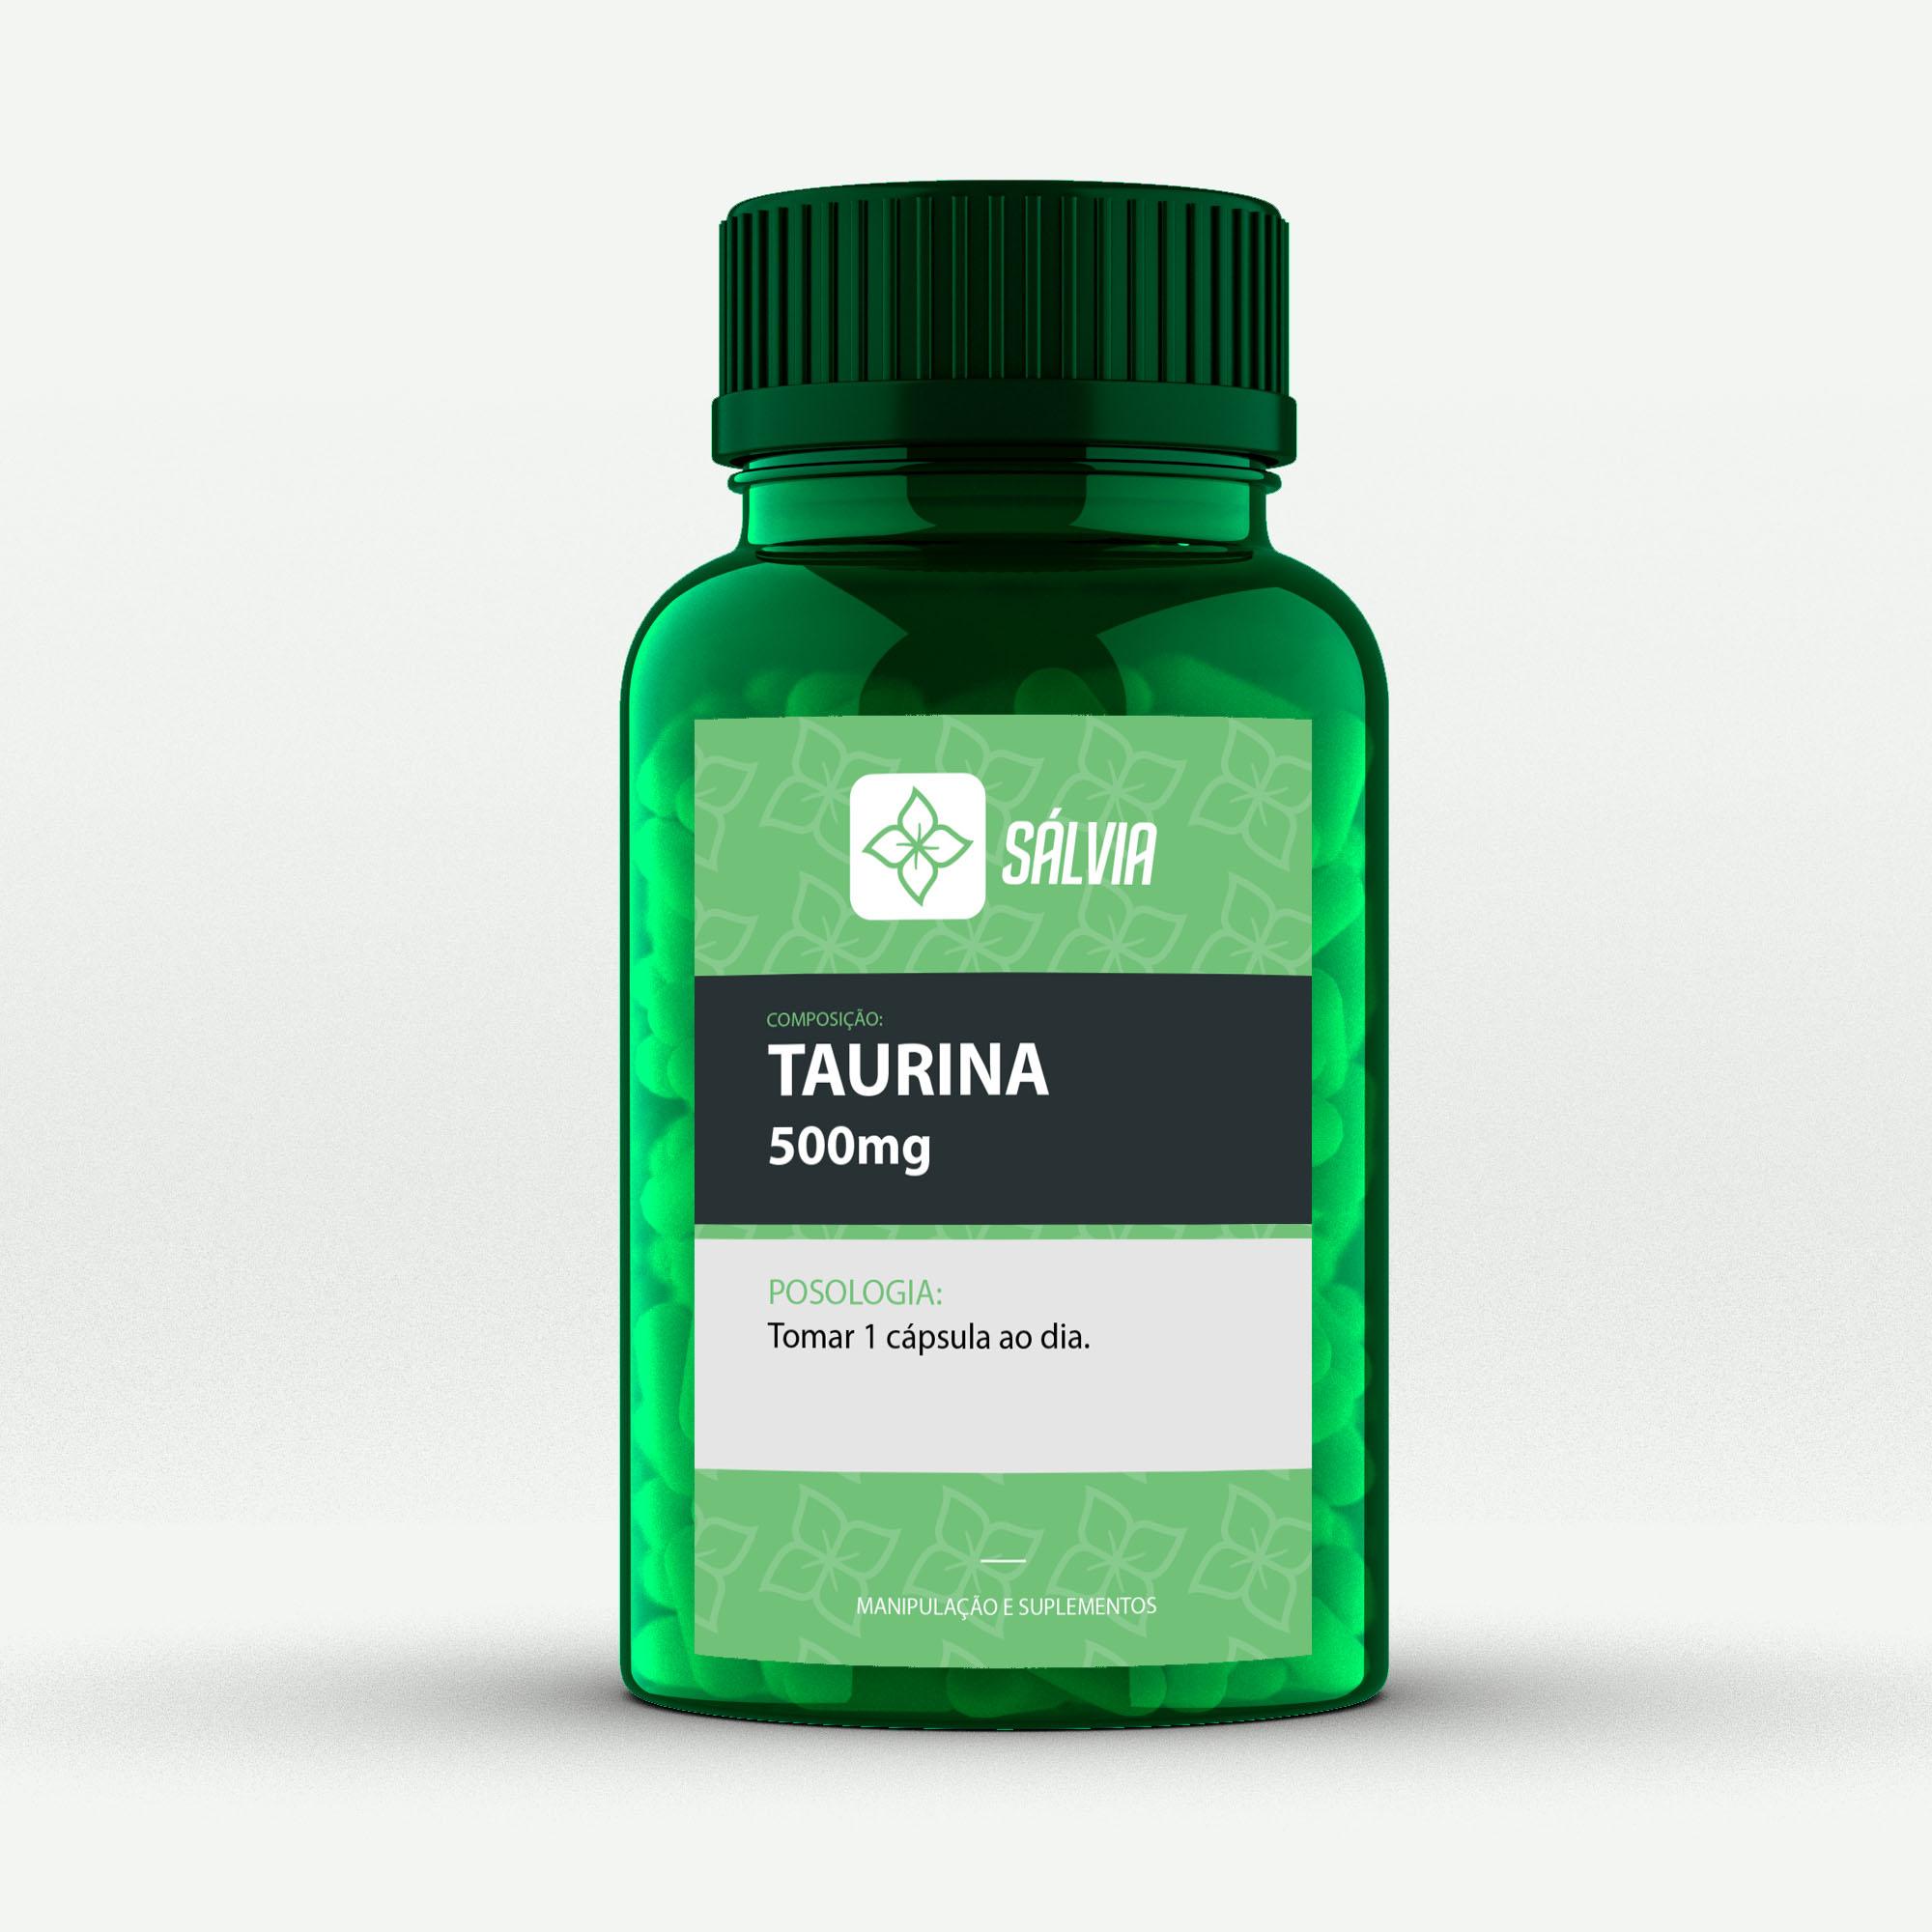 TAURINA 500mg – Cápsulas